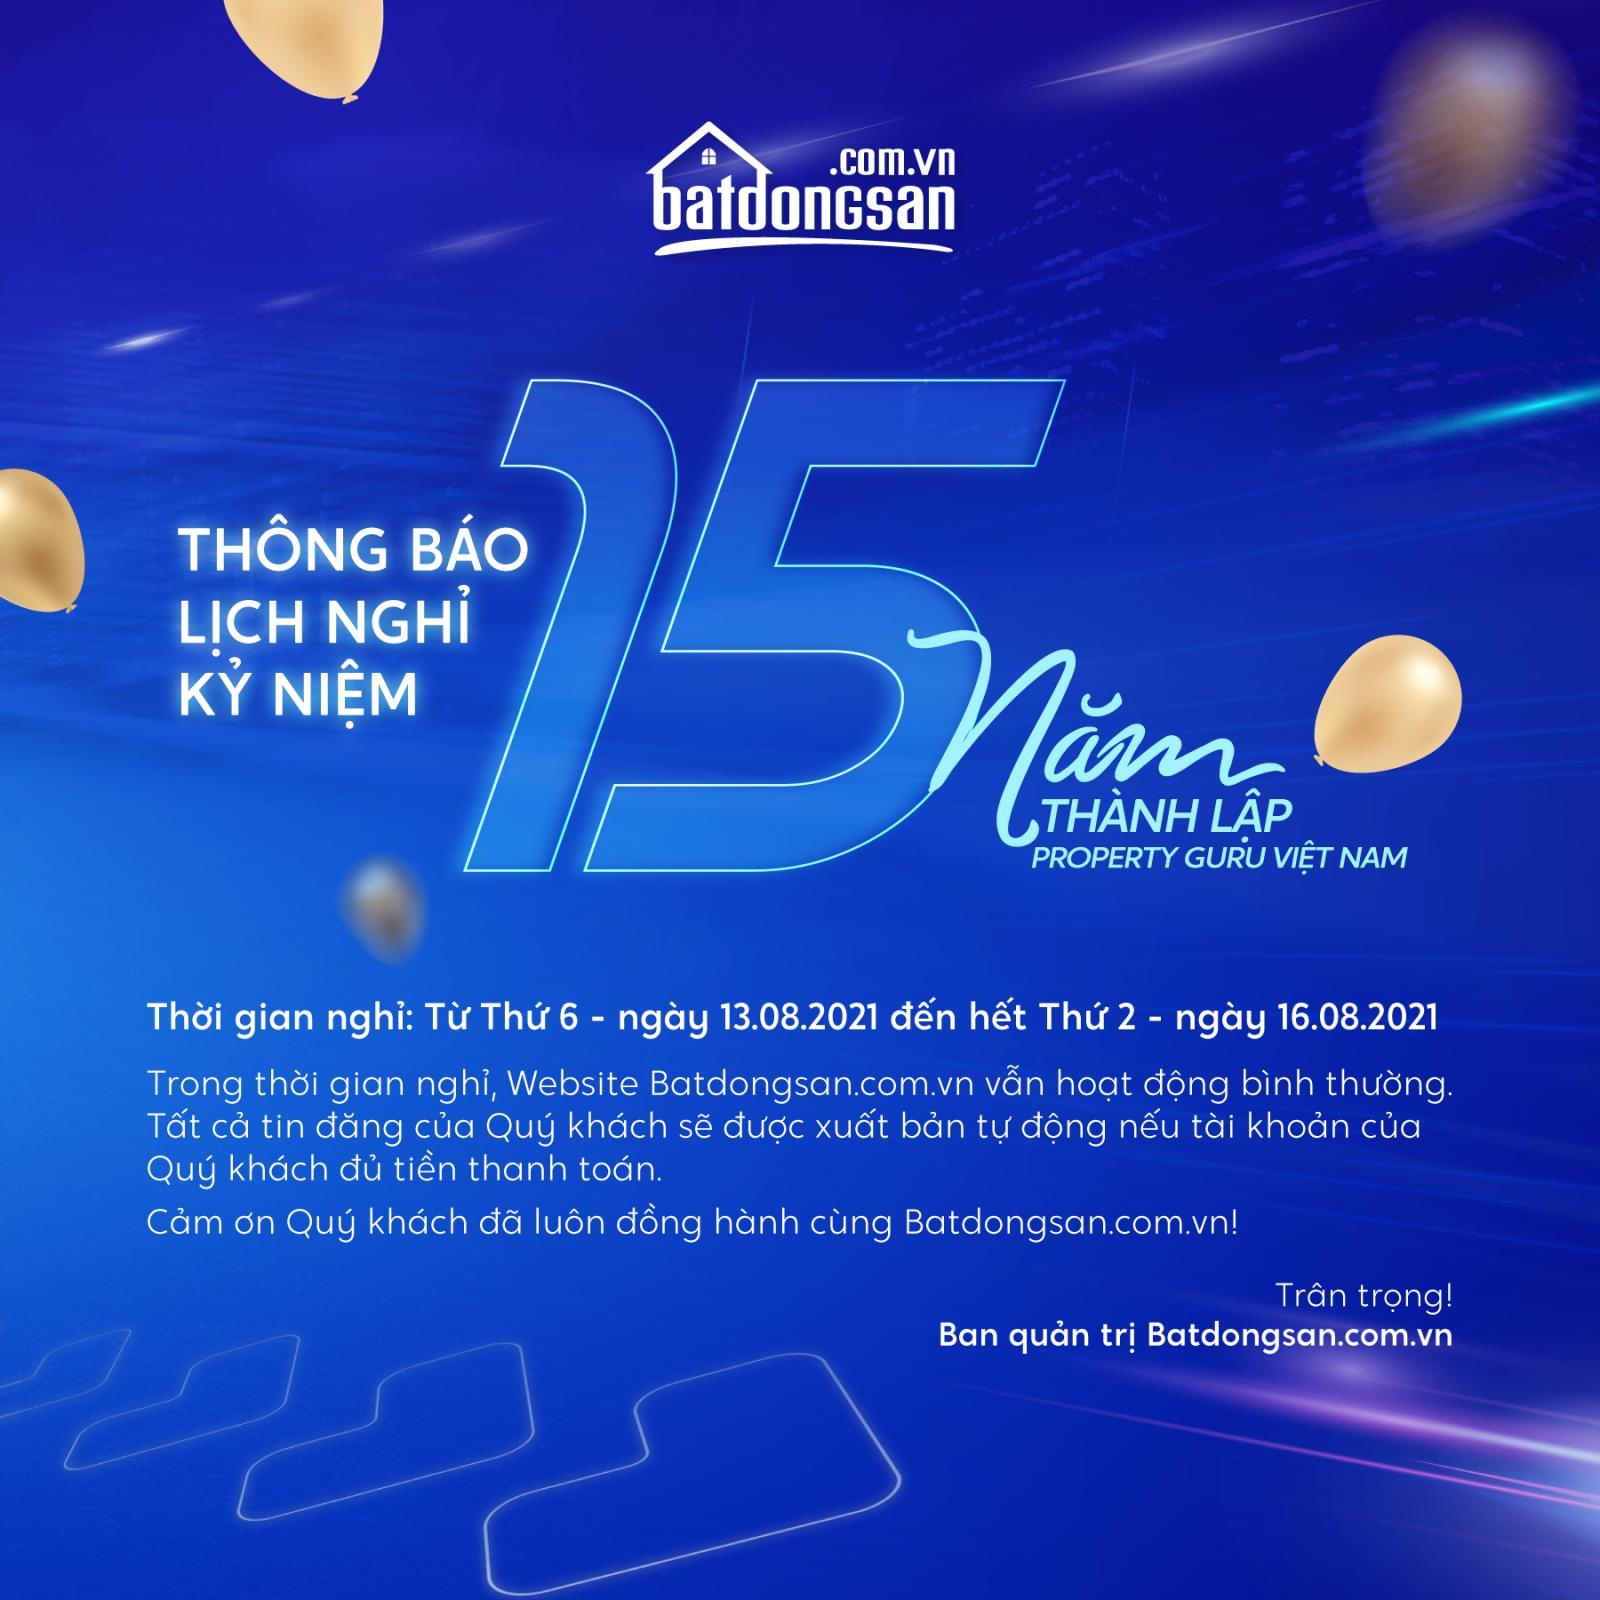 Thông báo nghỉ kỷ niệm 15 năm thành lập Batdongsan.com.vn